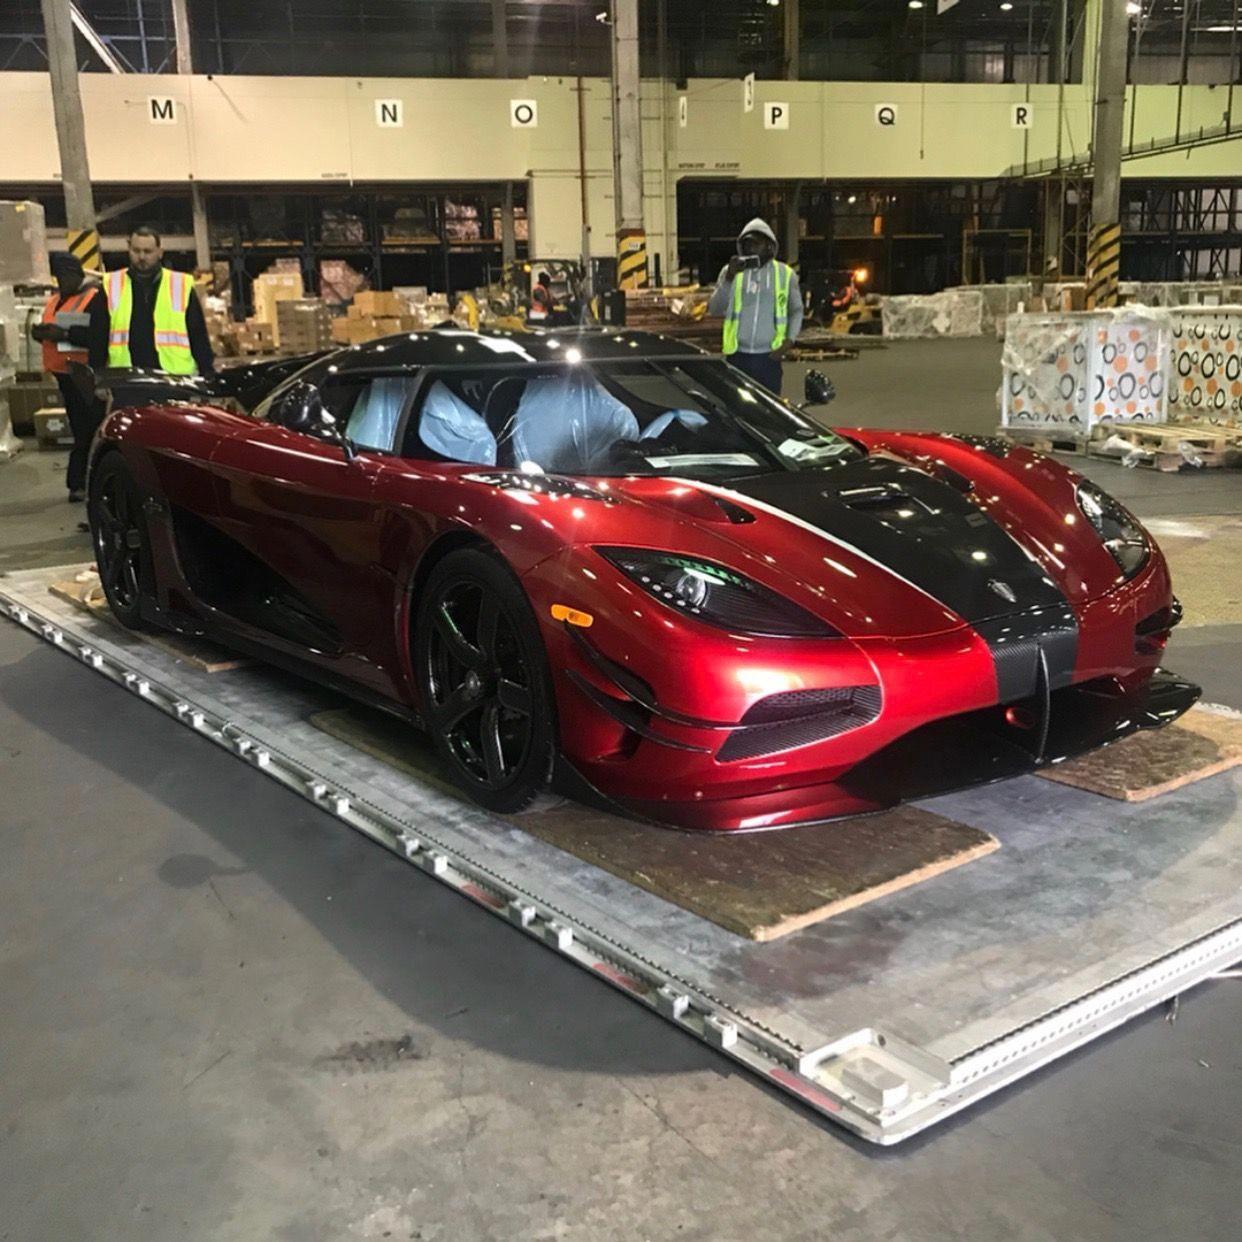 Lamborghini Agera R: The Crazy Koenigsegg Agera